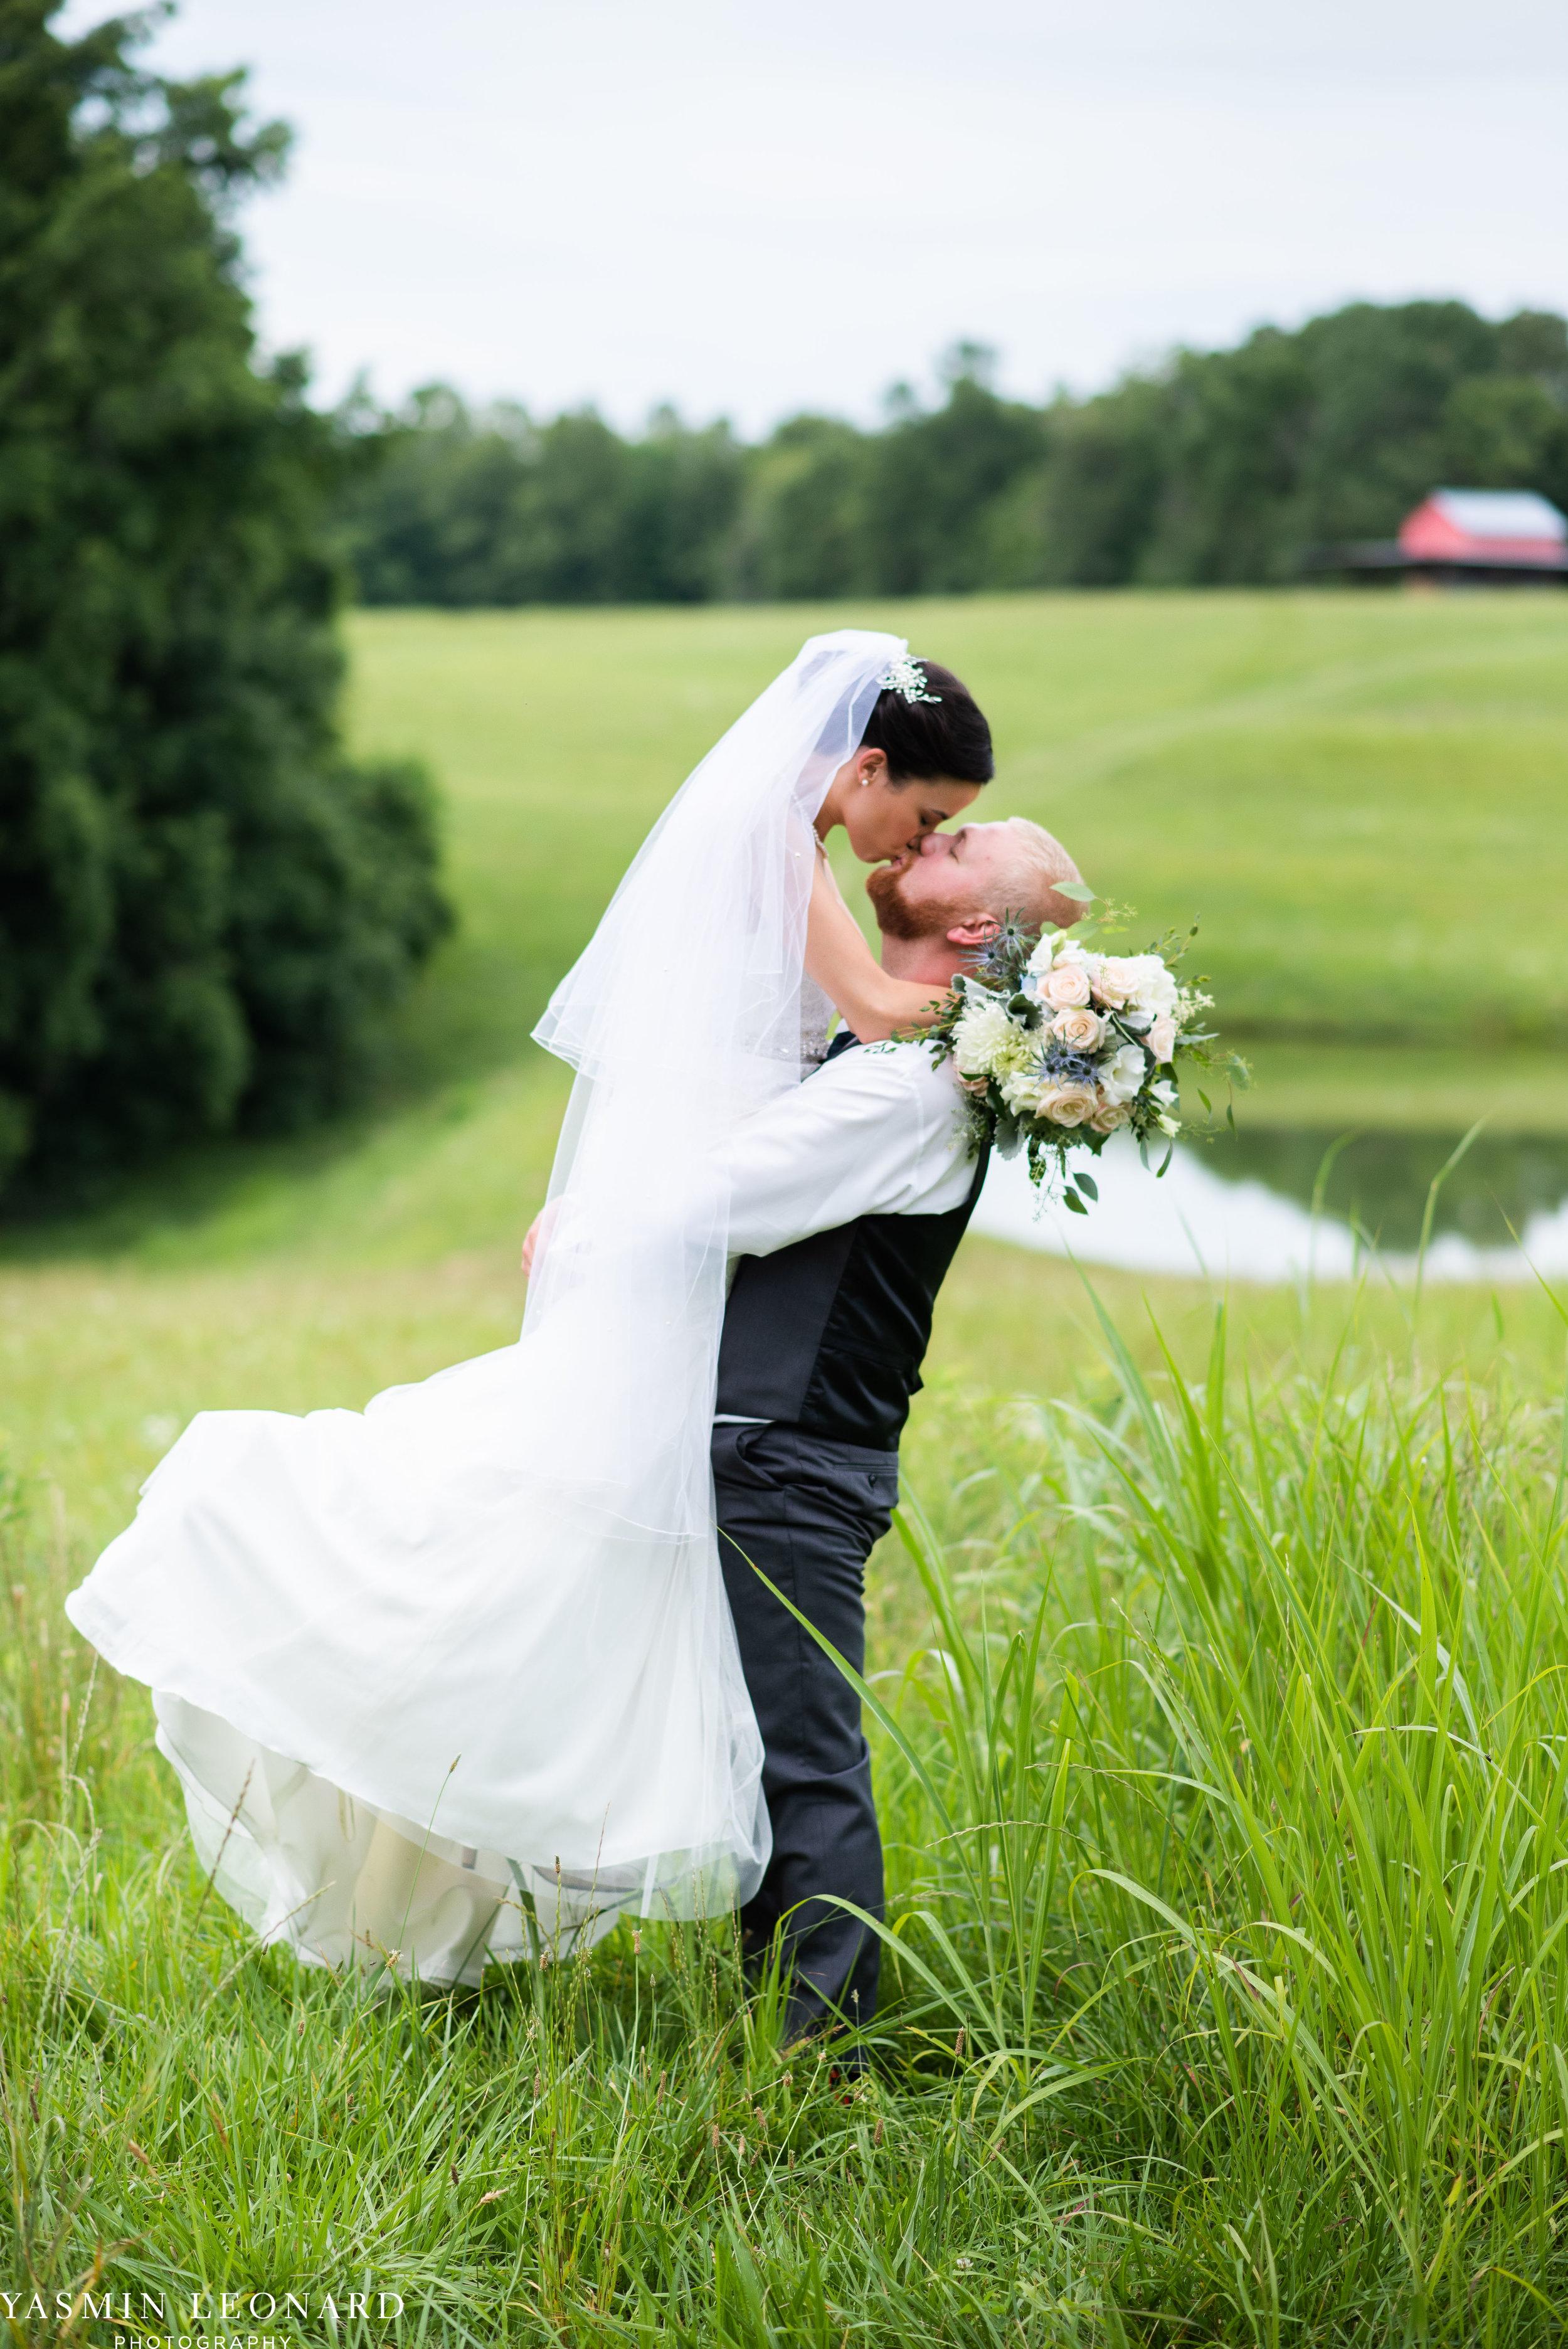 Mt. Pleasant Church - Church Wedding - Traditional Wedding - Church Ceremony - Country Wedding - Godly Wedding - NC Wedding Photographer - High Point Weddings - Triad Weddings - NC Venues-40.jpg